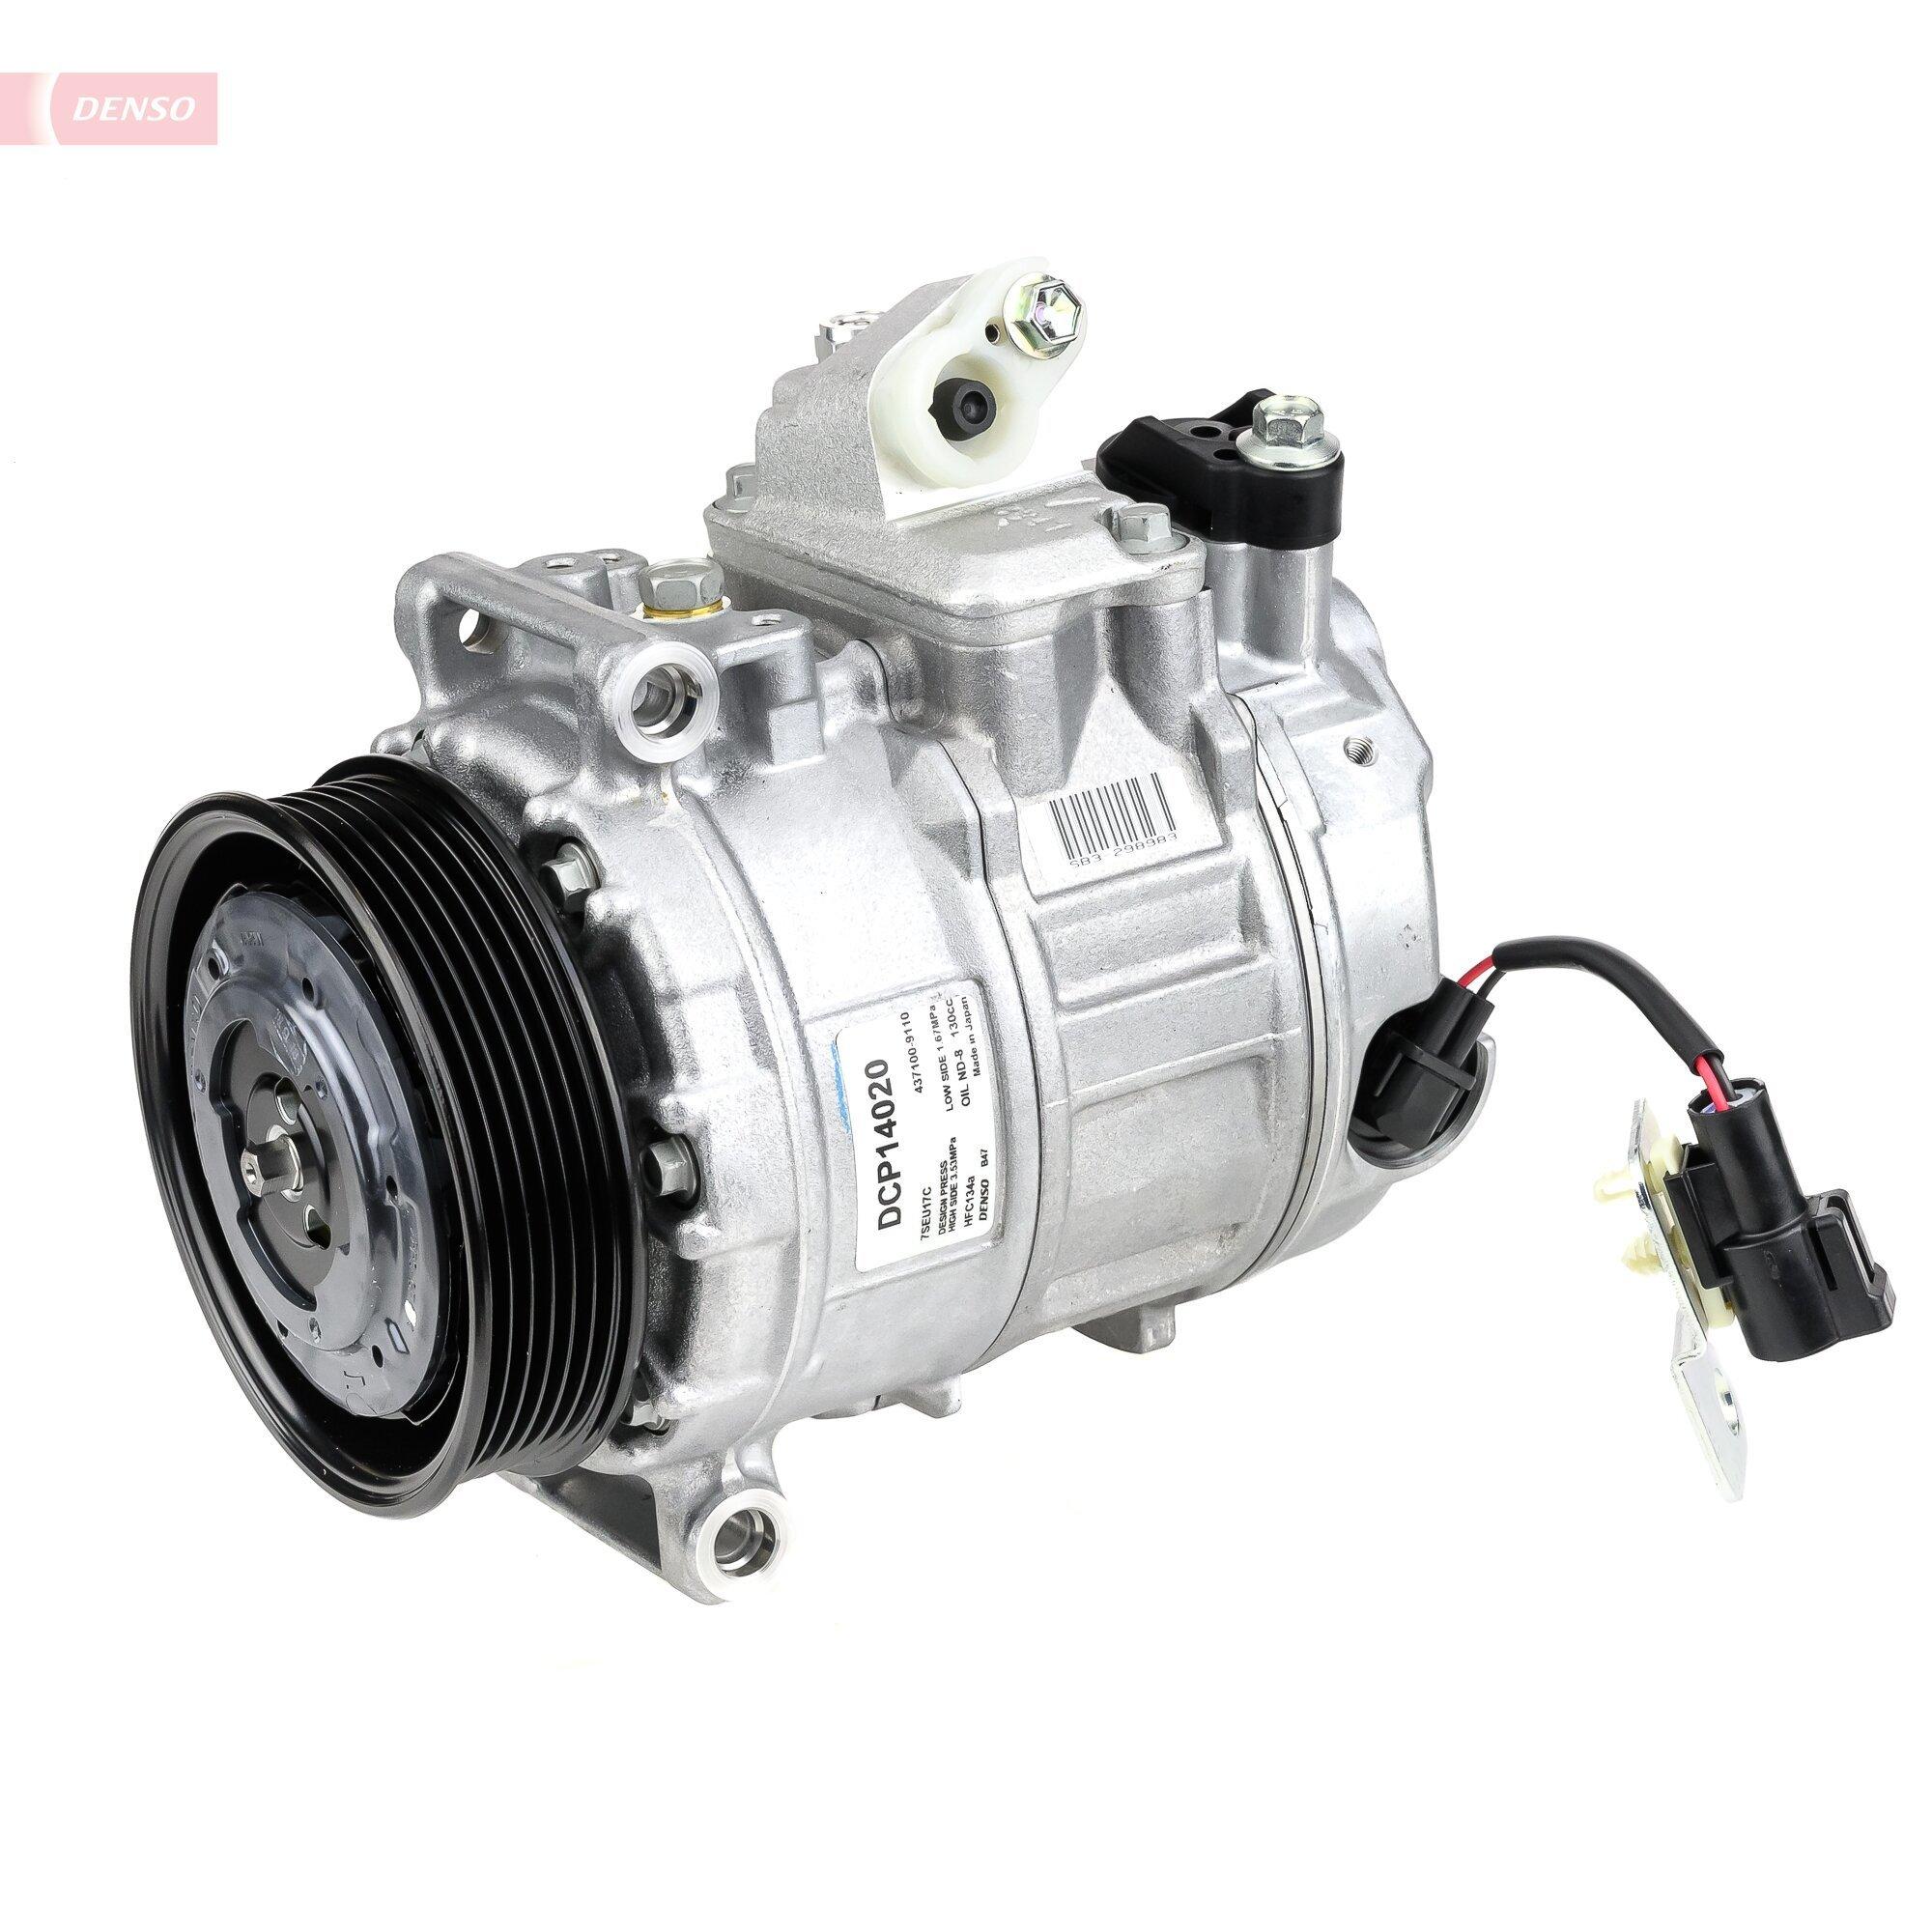 Kompressor, Klimaanlage DENSO DCP14020 Bild 1